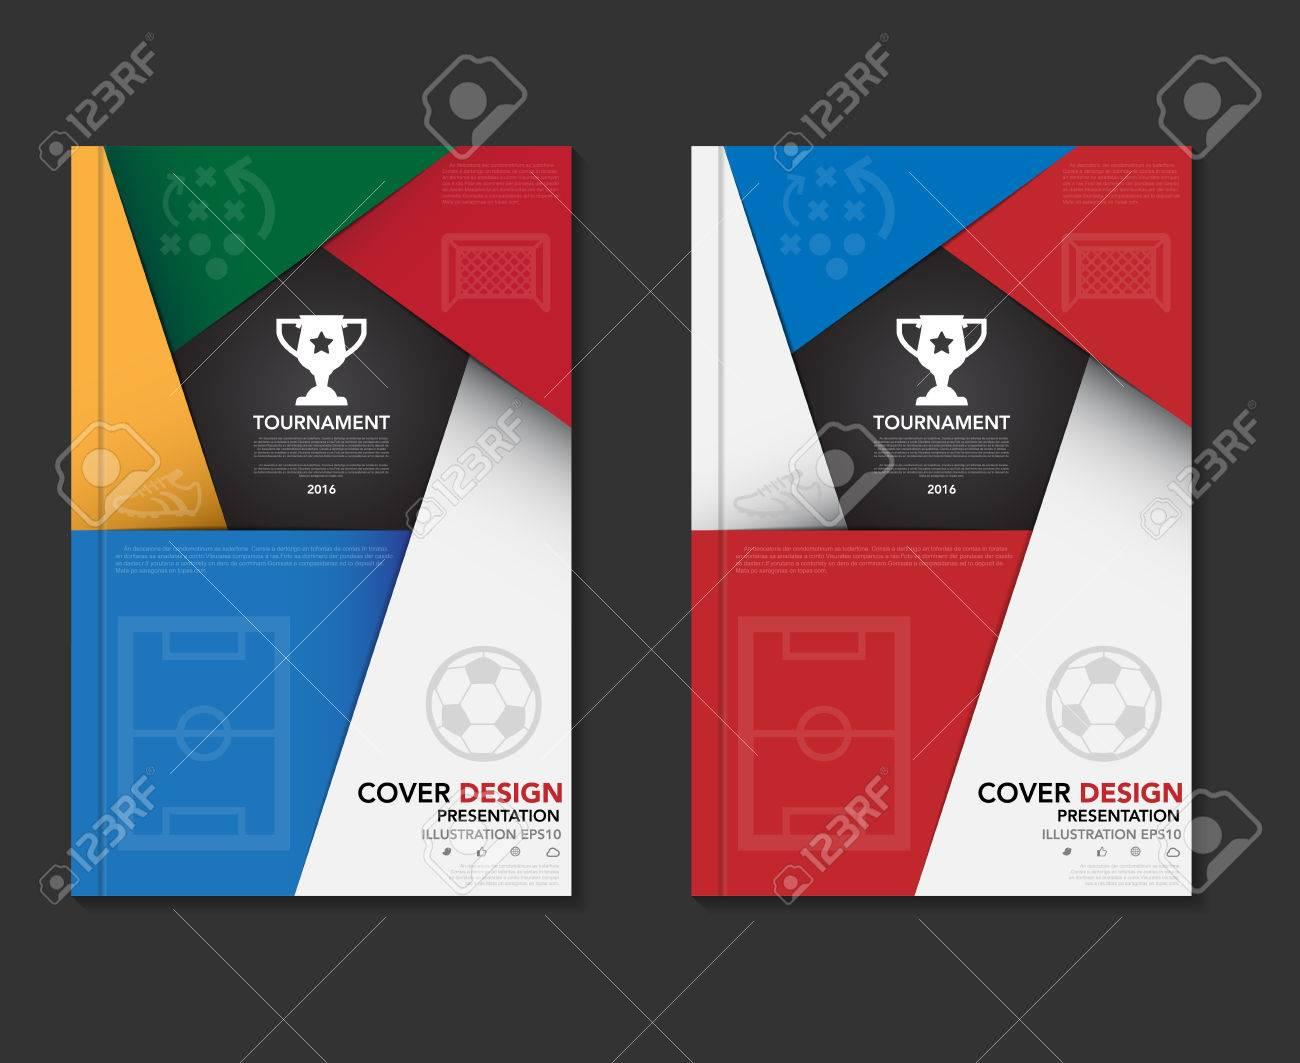 soccer clipart.html